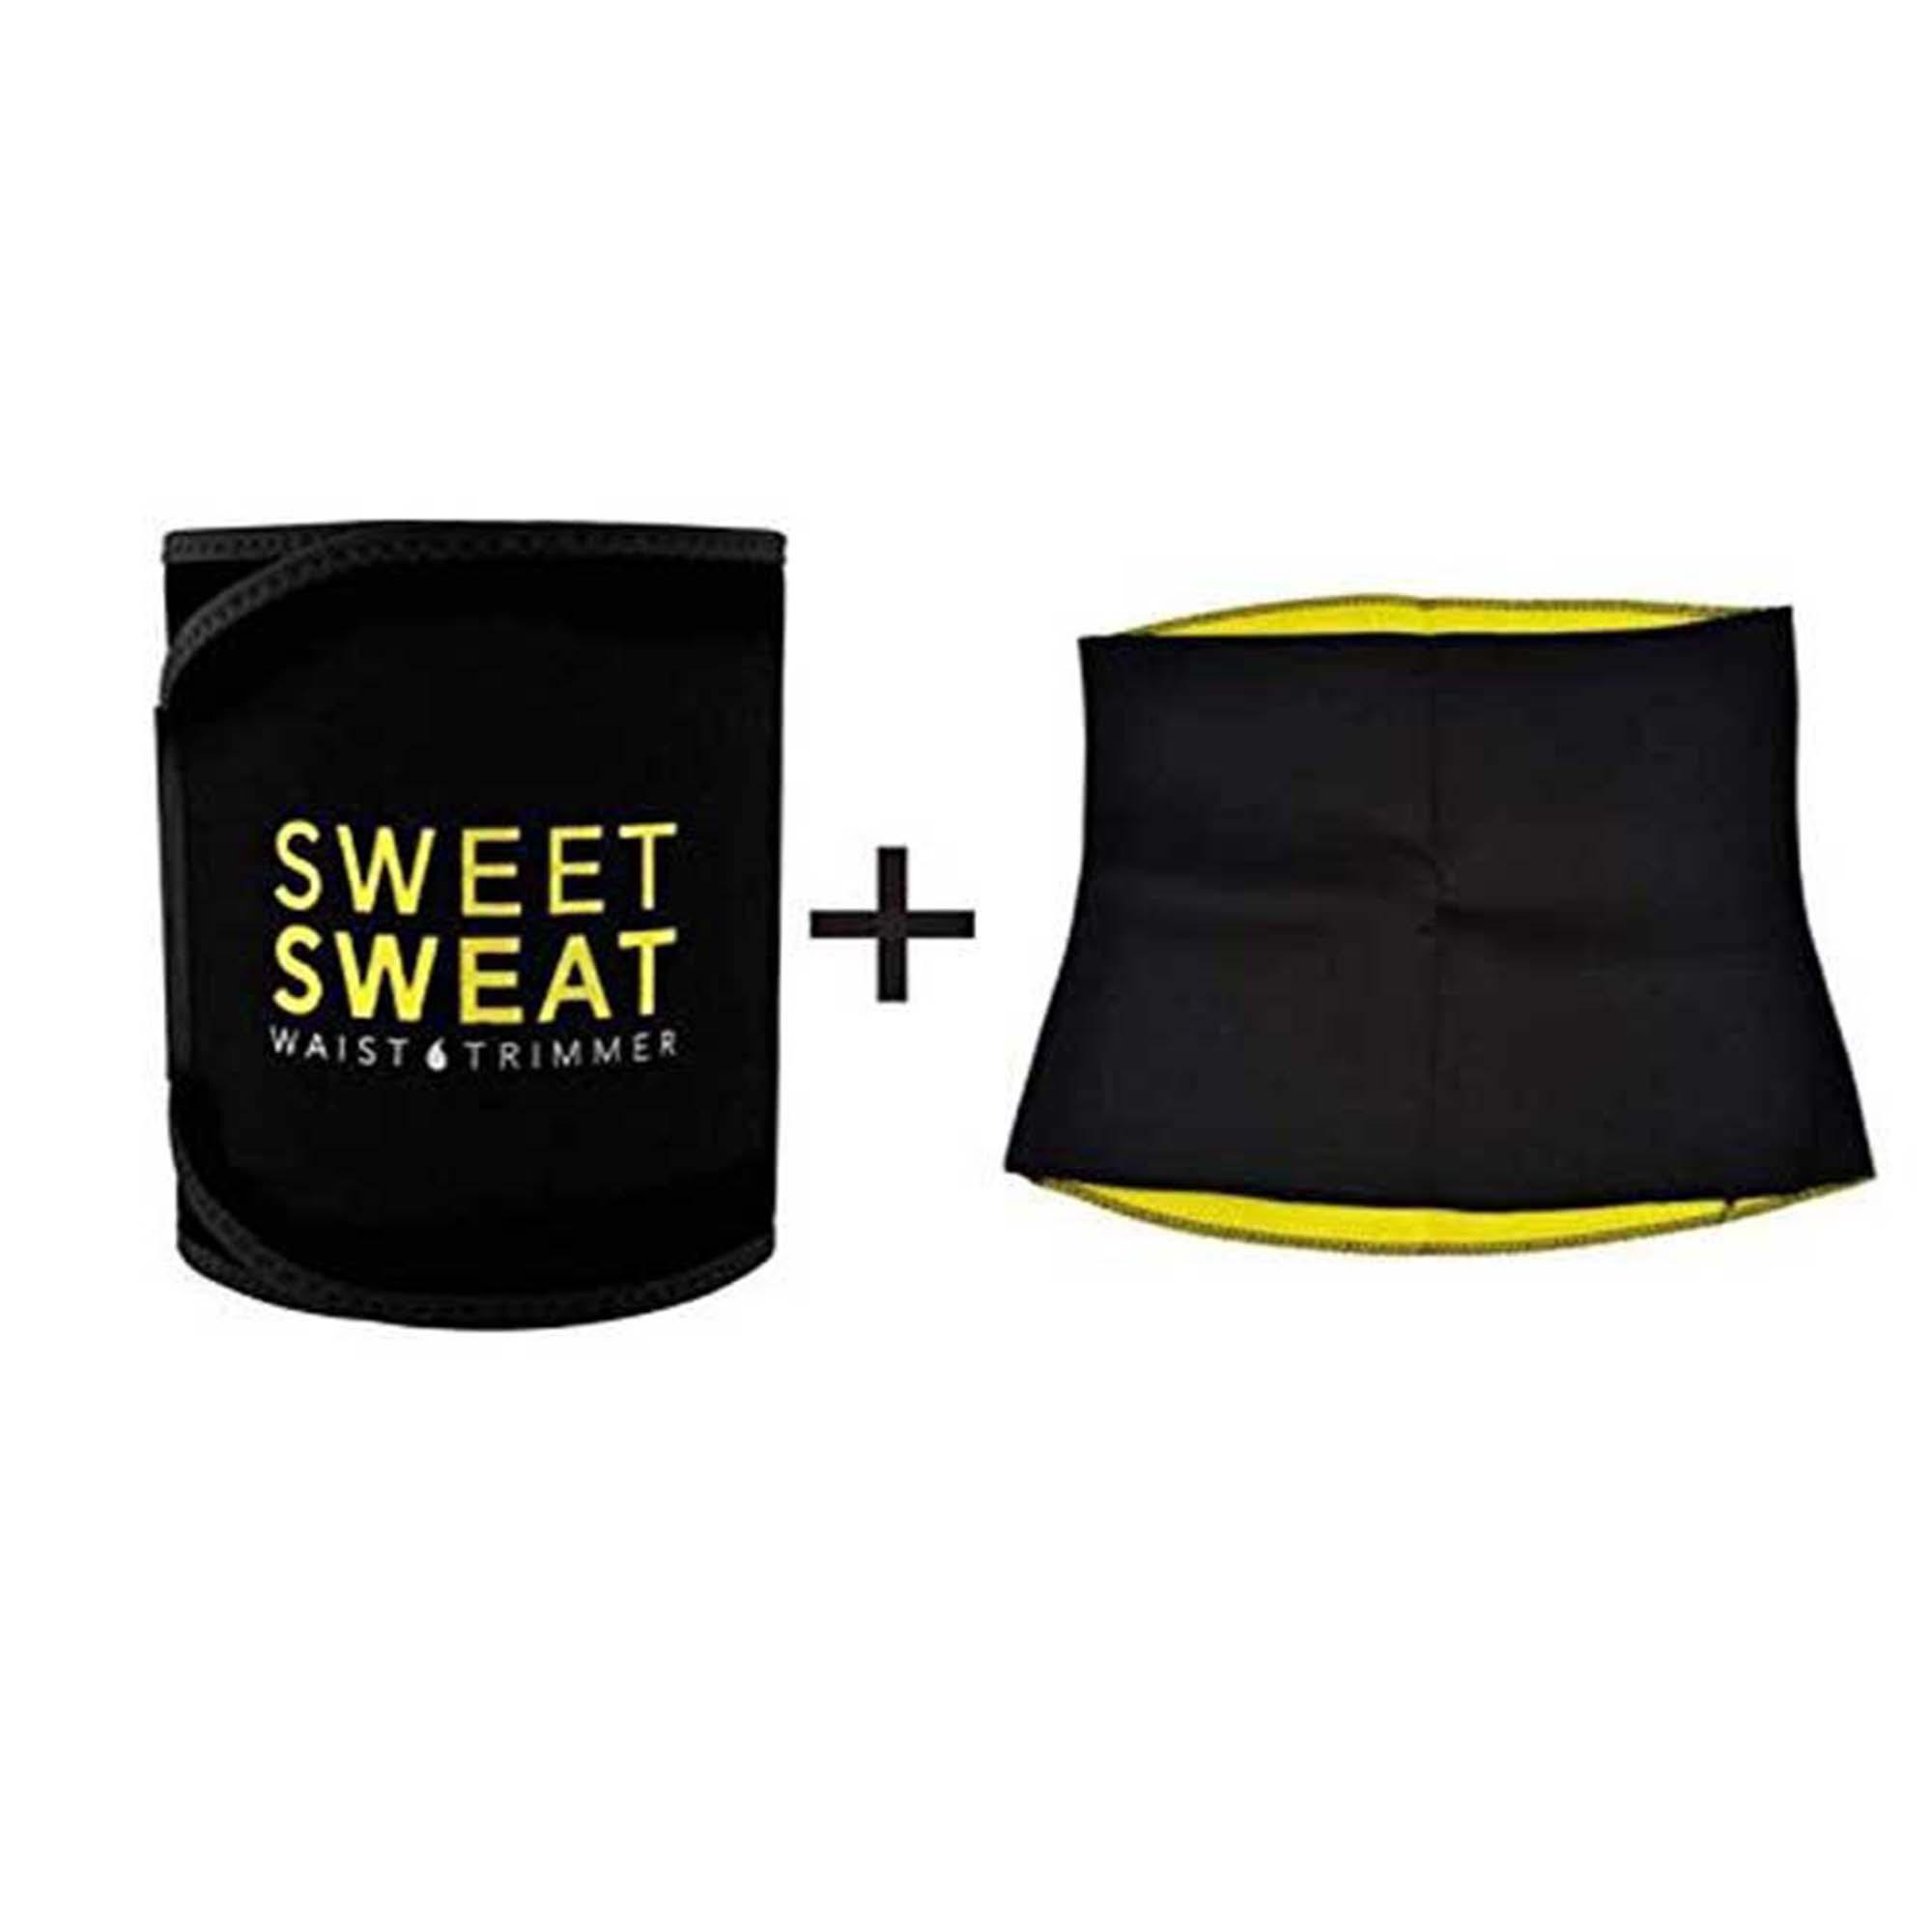 3205d52b7e163 Pack of 2 SWEAT WAIST TRIMMER Hot Waist Shaper Belt Instant Slim Look Belt  for Men